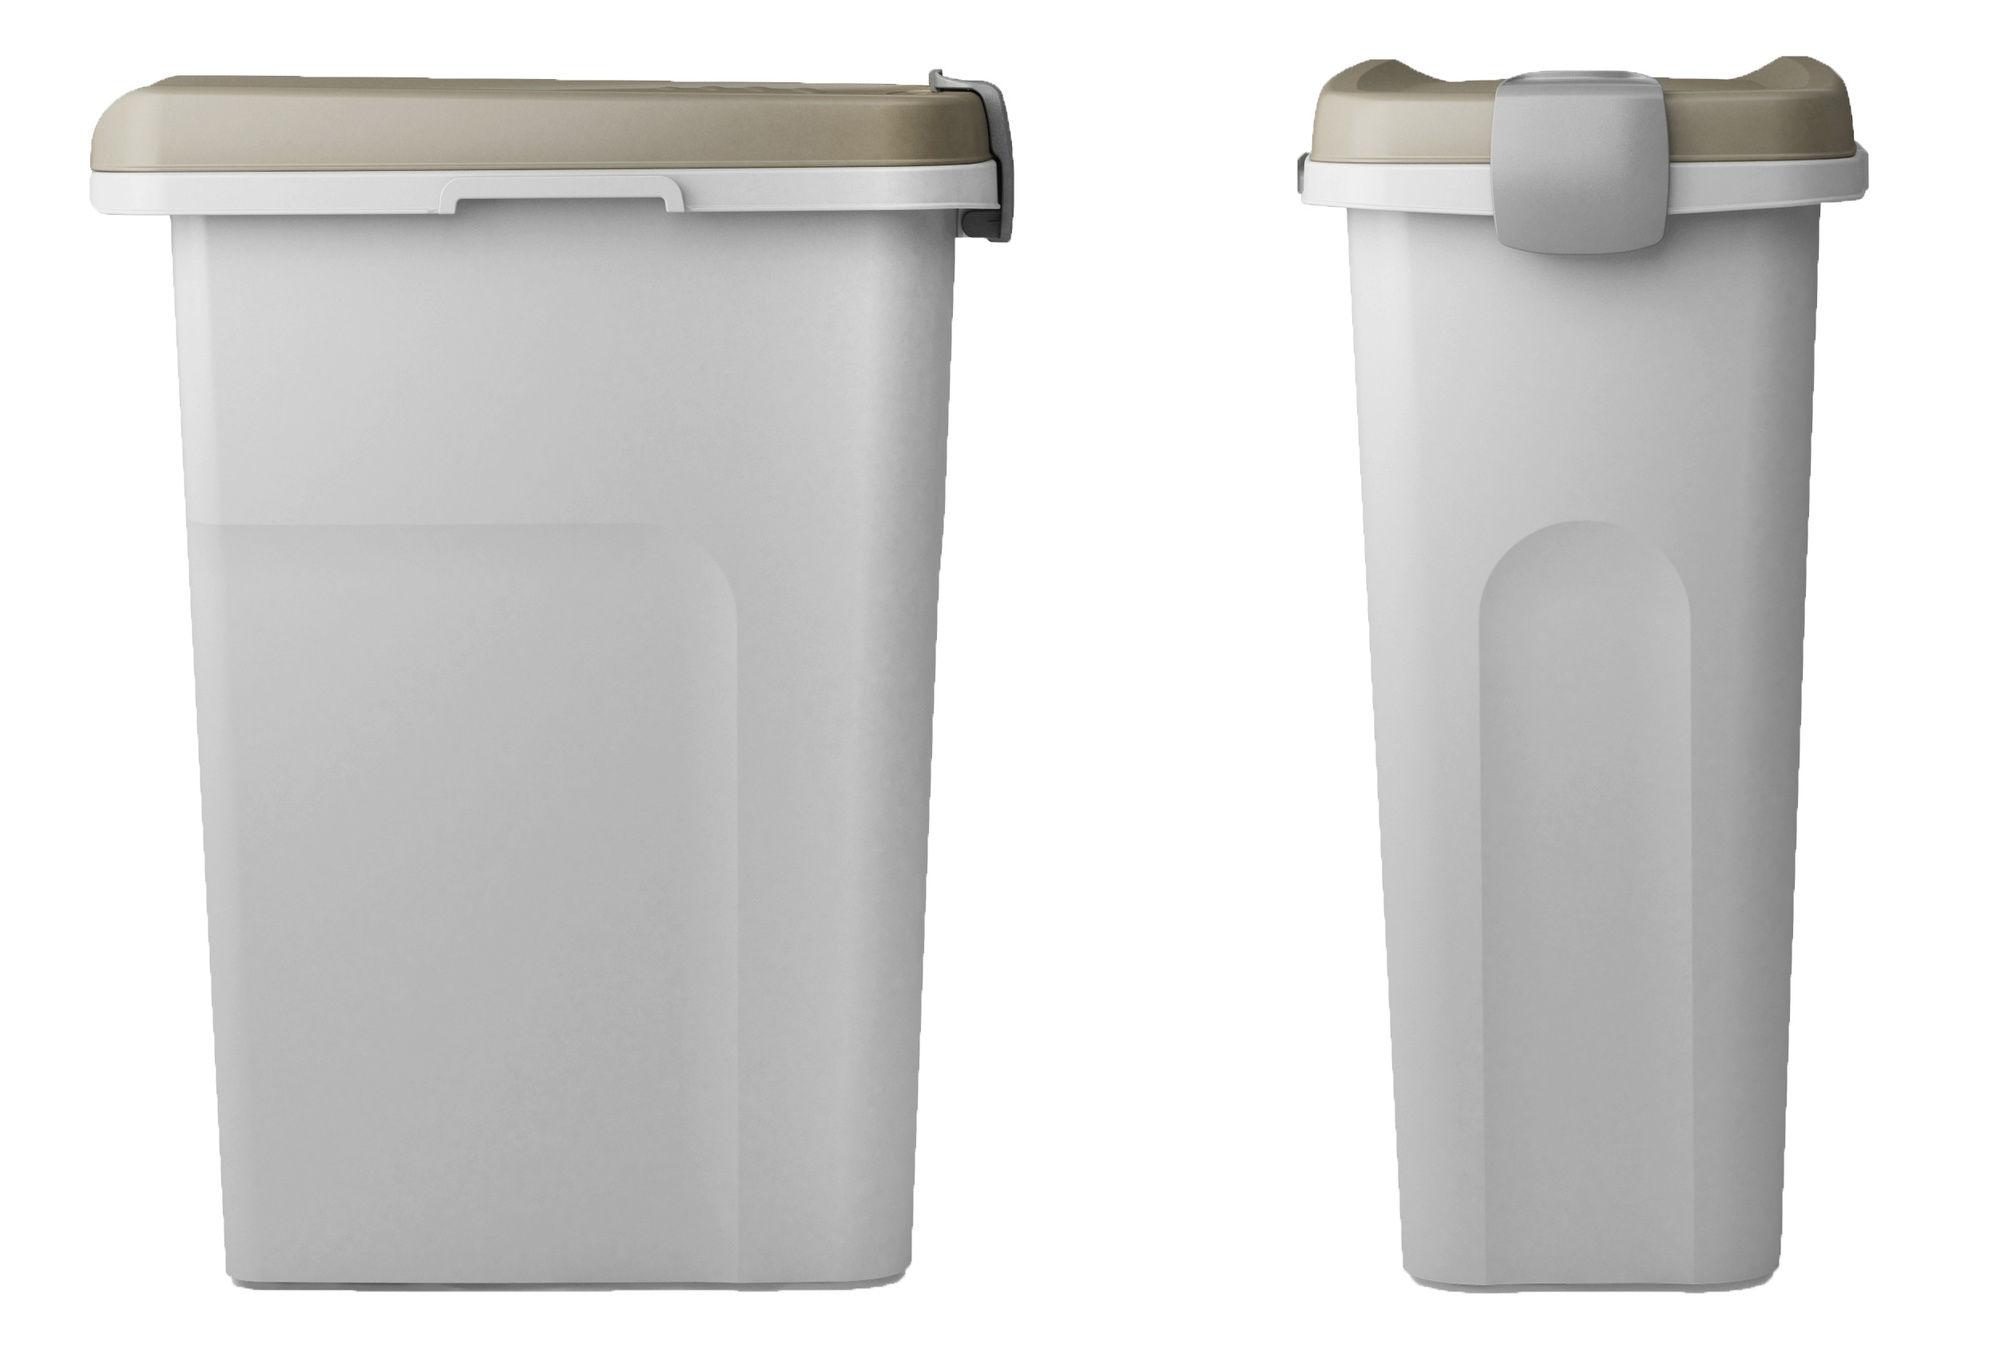 Petfood-Container 25 lt, braun/weiß